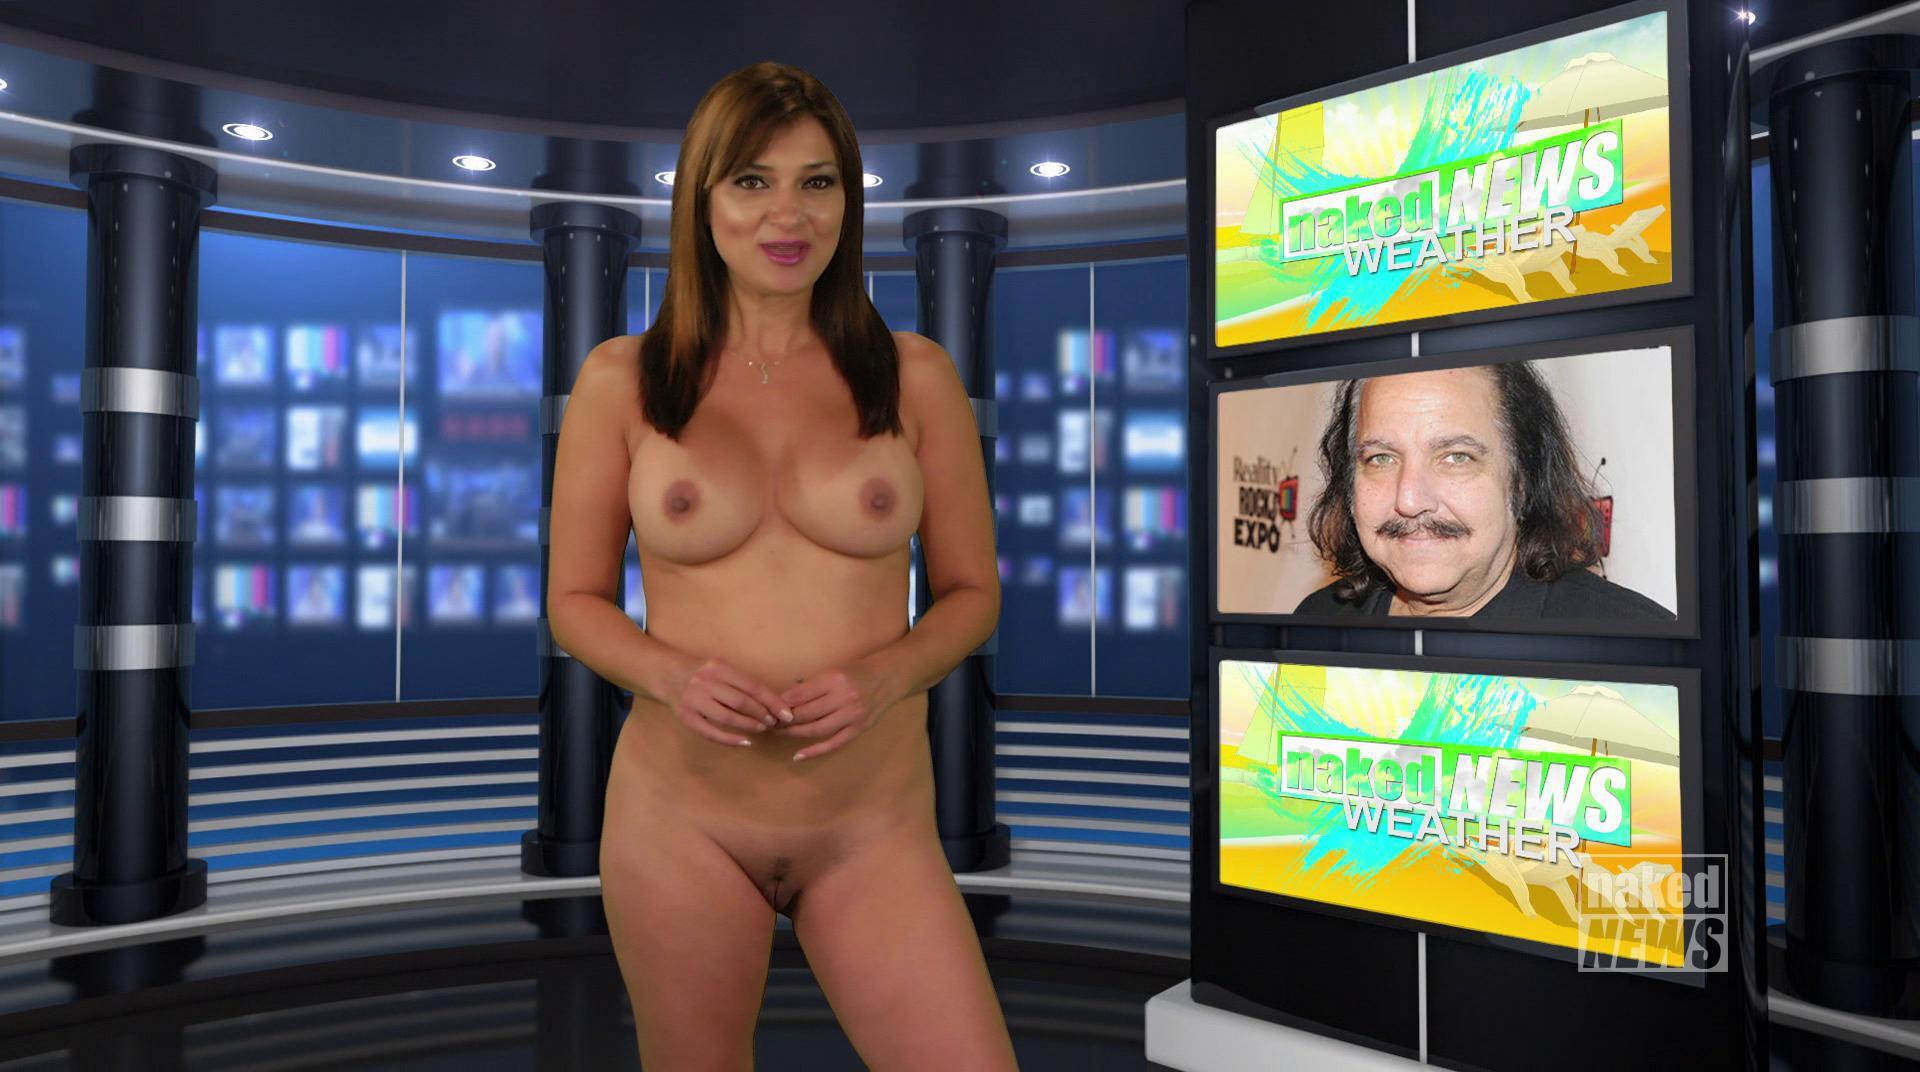 Naked news video erica stevens, adult funny joke